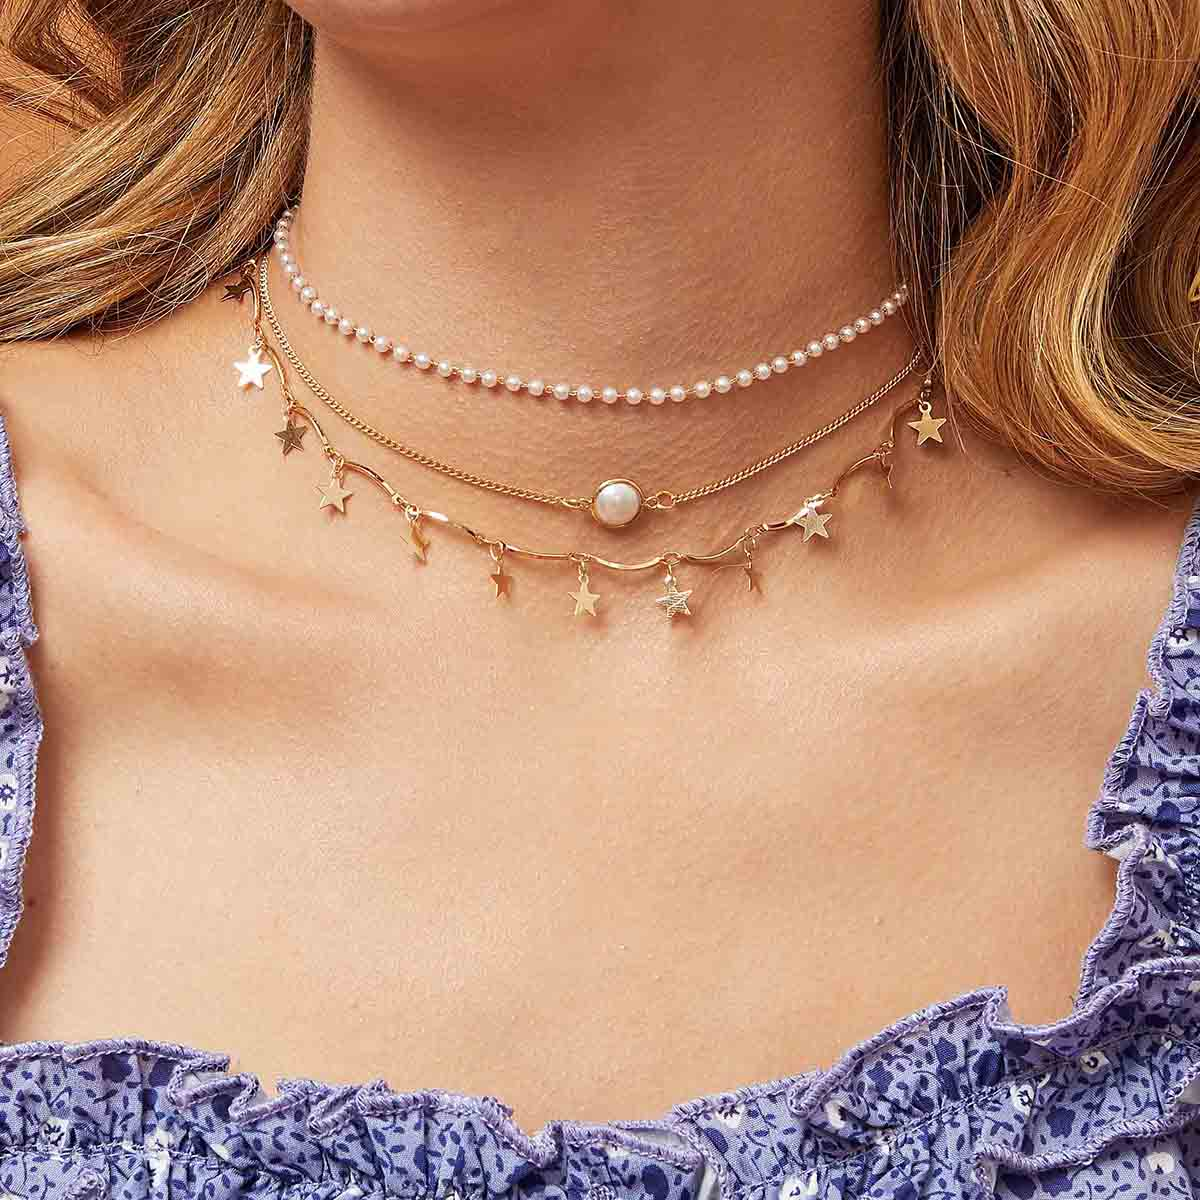 SHEIN / Mehrschichtige Halskette mit Stern Anhänger und Perlen Dekor 3 Stücke